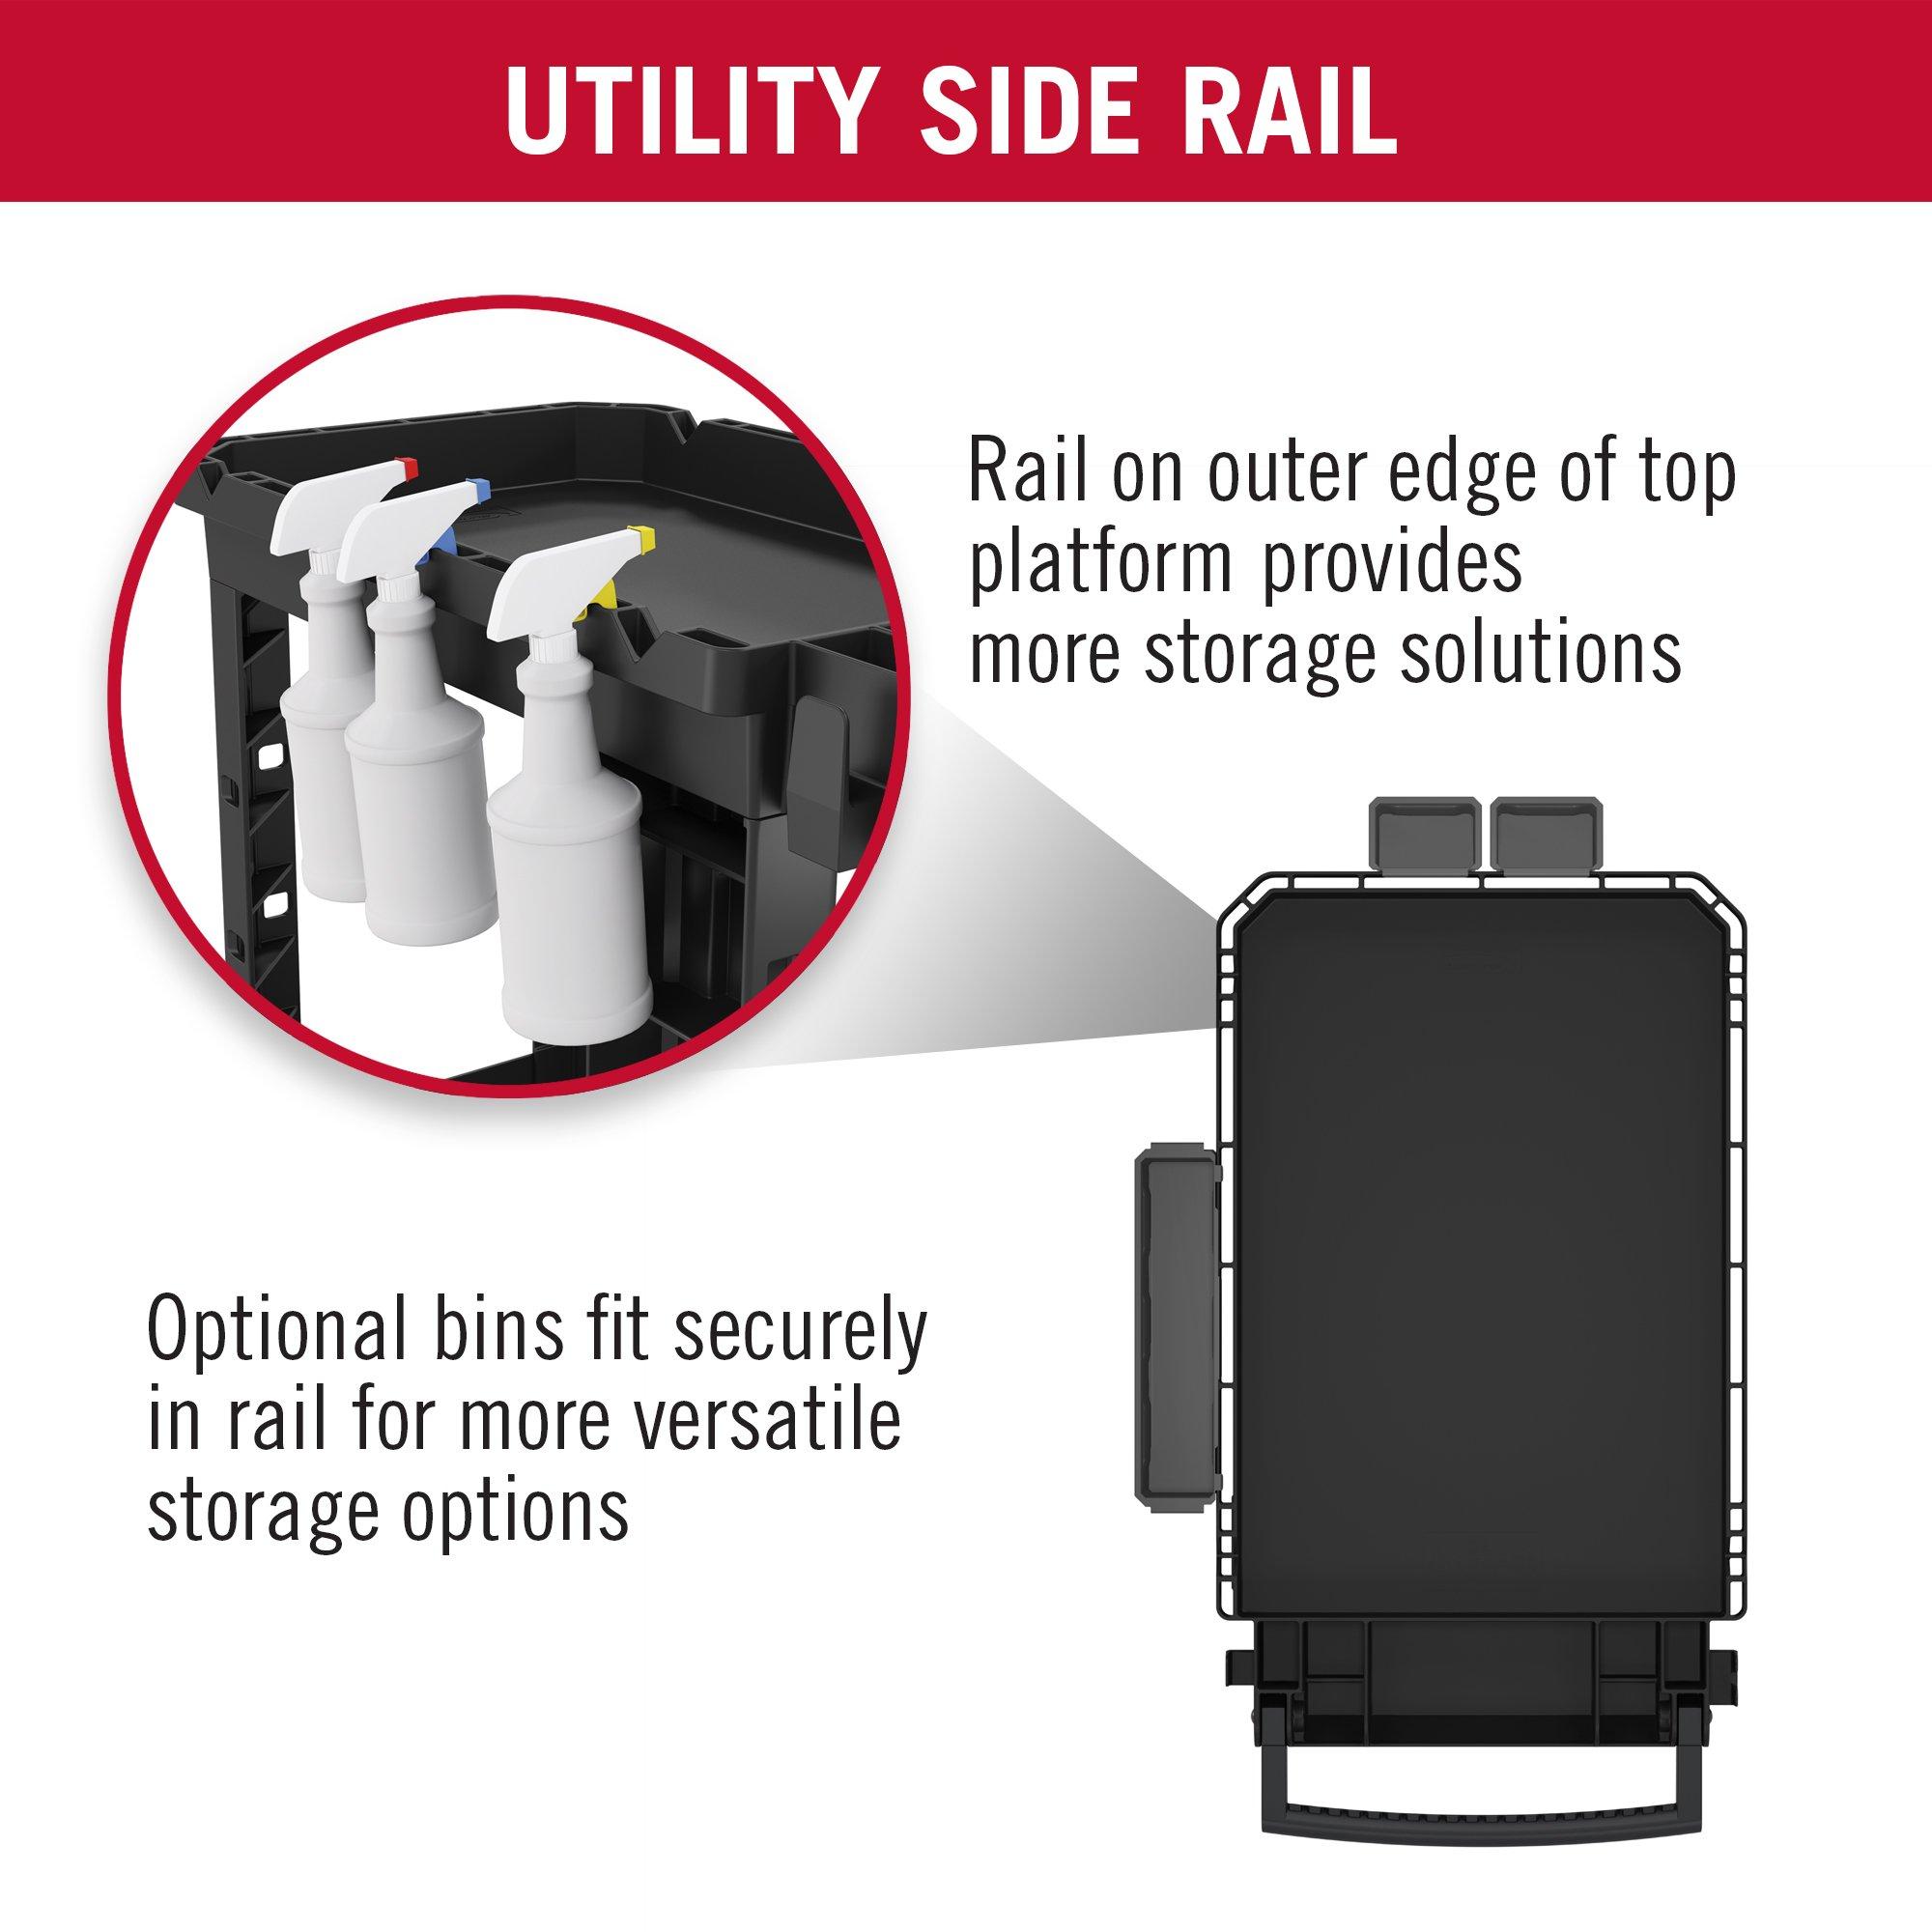 Suncast Commercial PUCHD2645 Utility Cart, Heavy Duty Plus, 500 Pounds Load Capacity, Black by Suncast Commercial (Image #6)